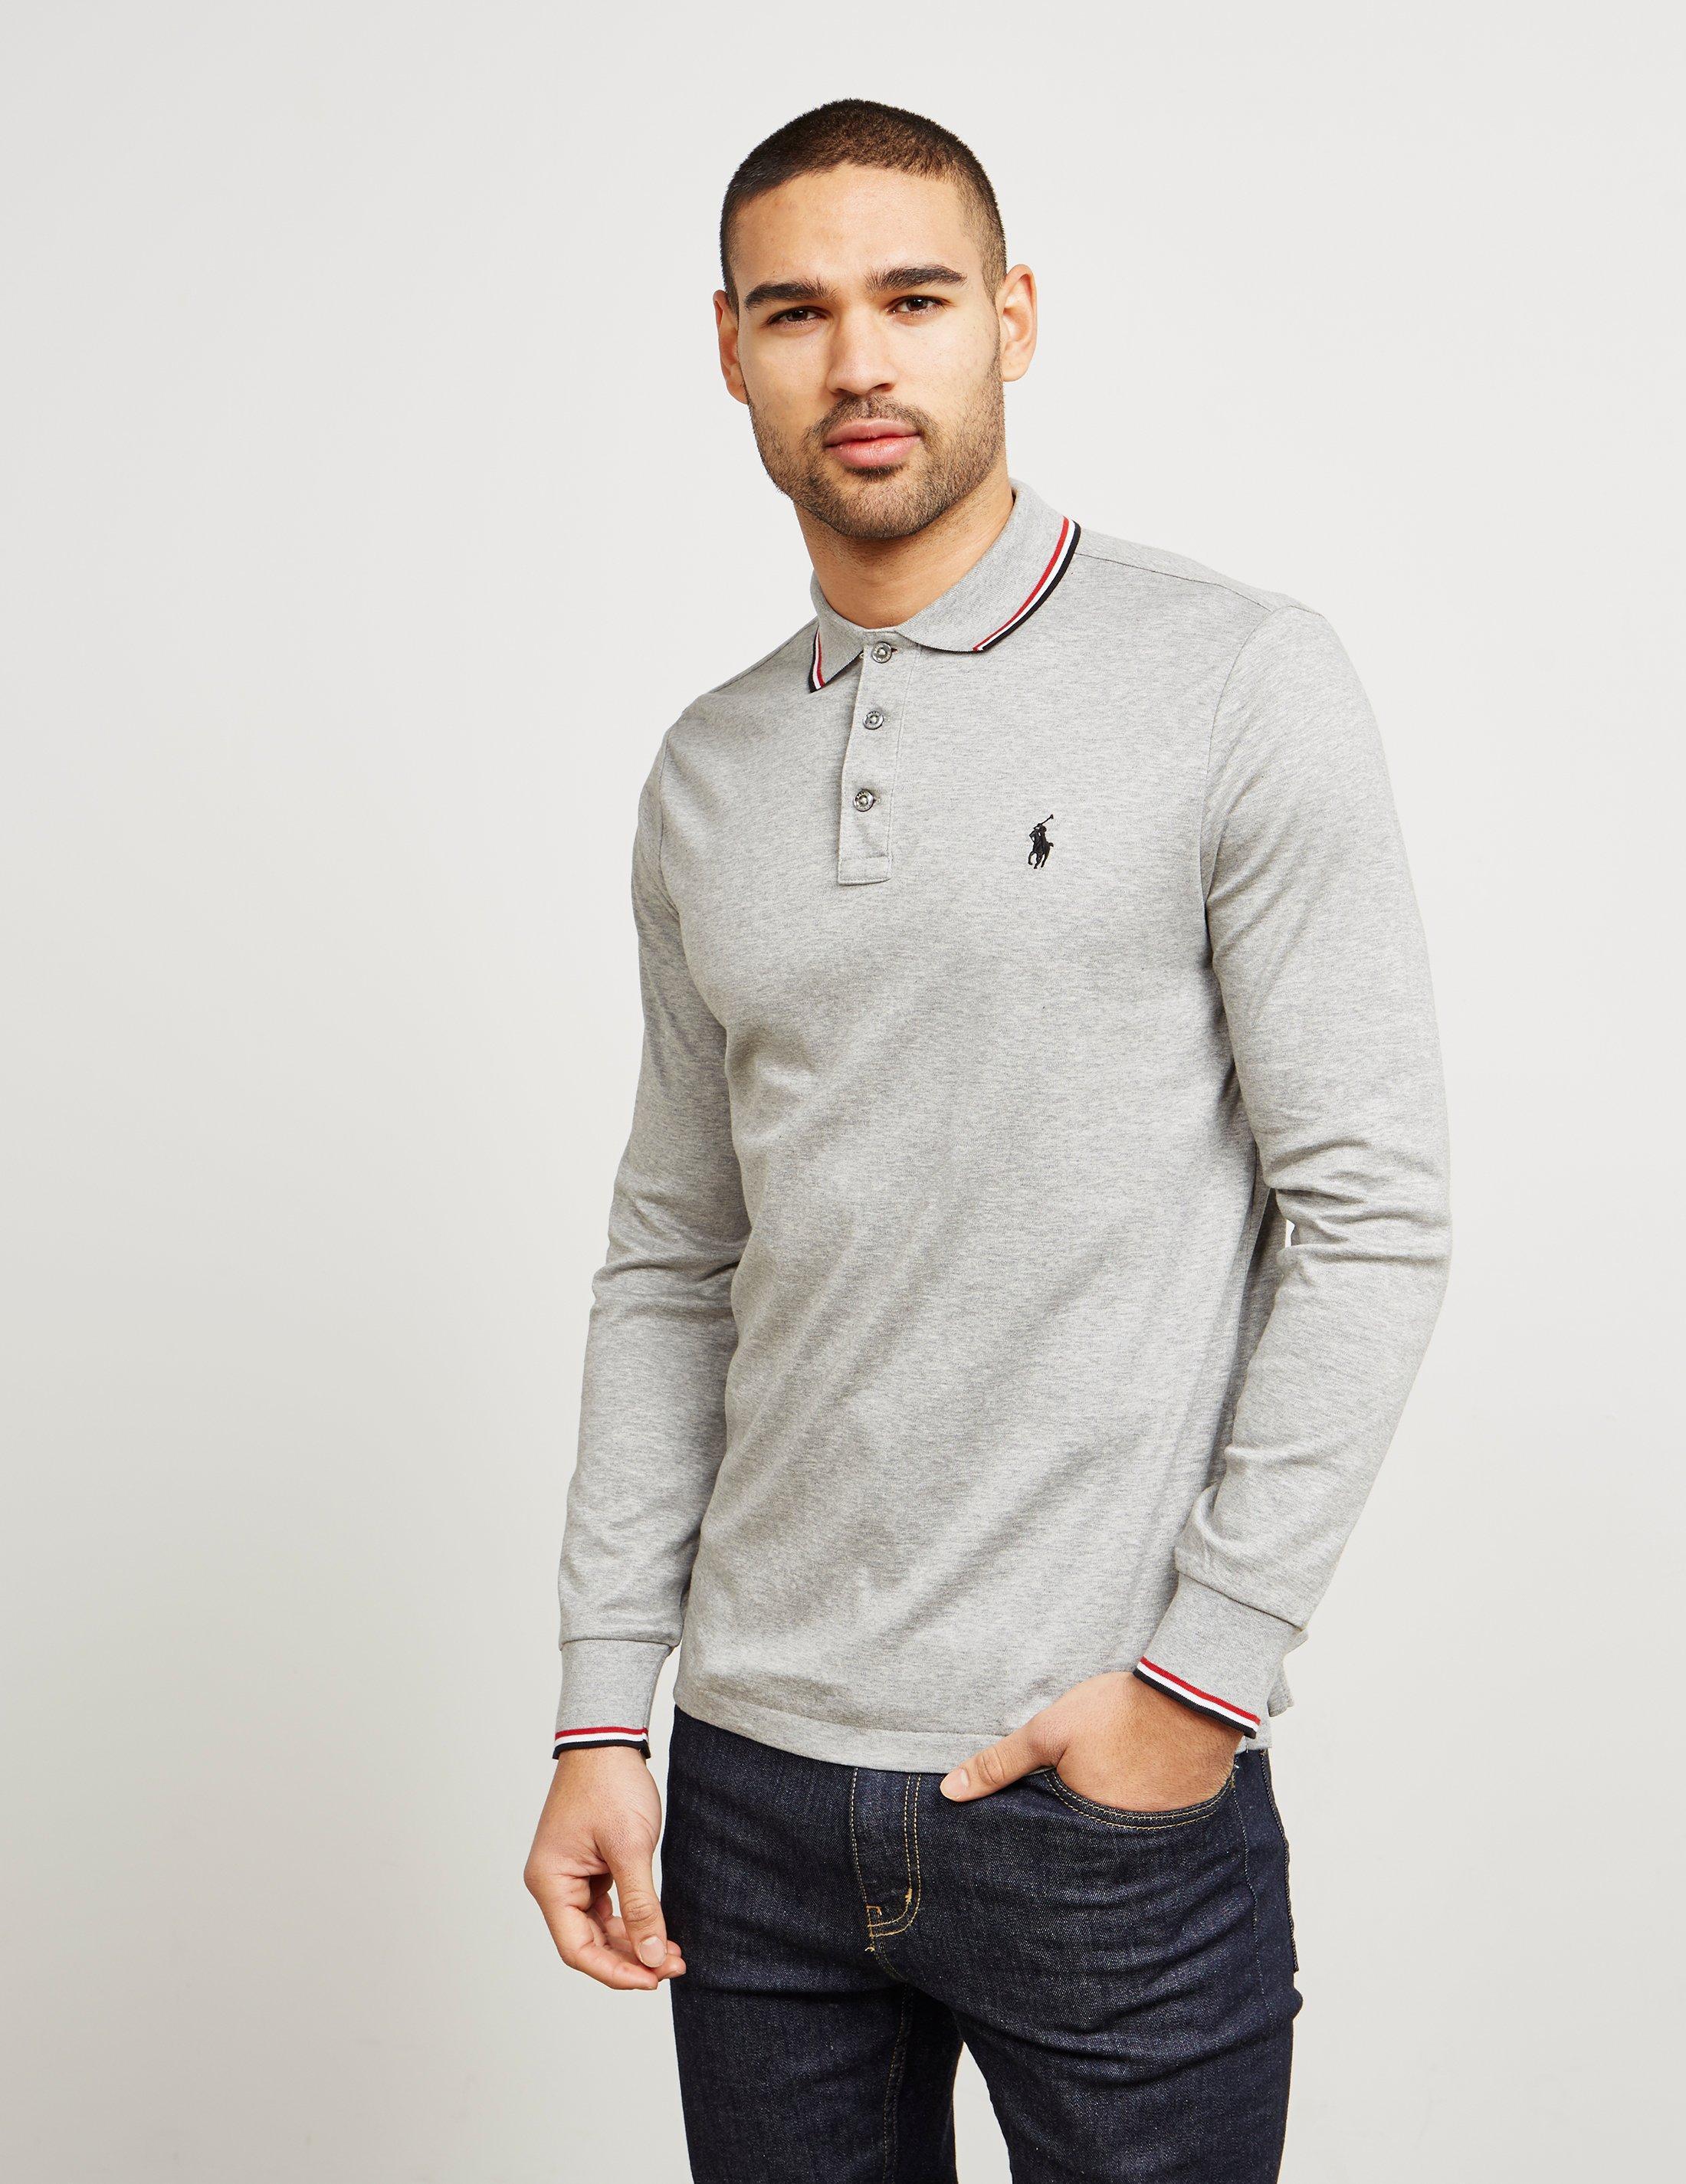 ralph lauren long sleeve polo shirt grey